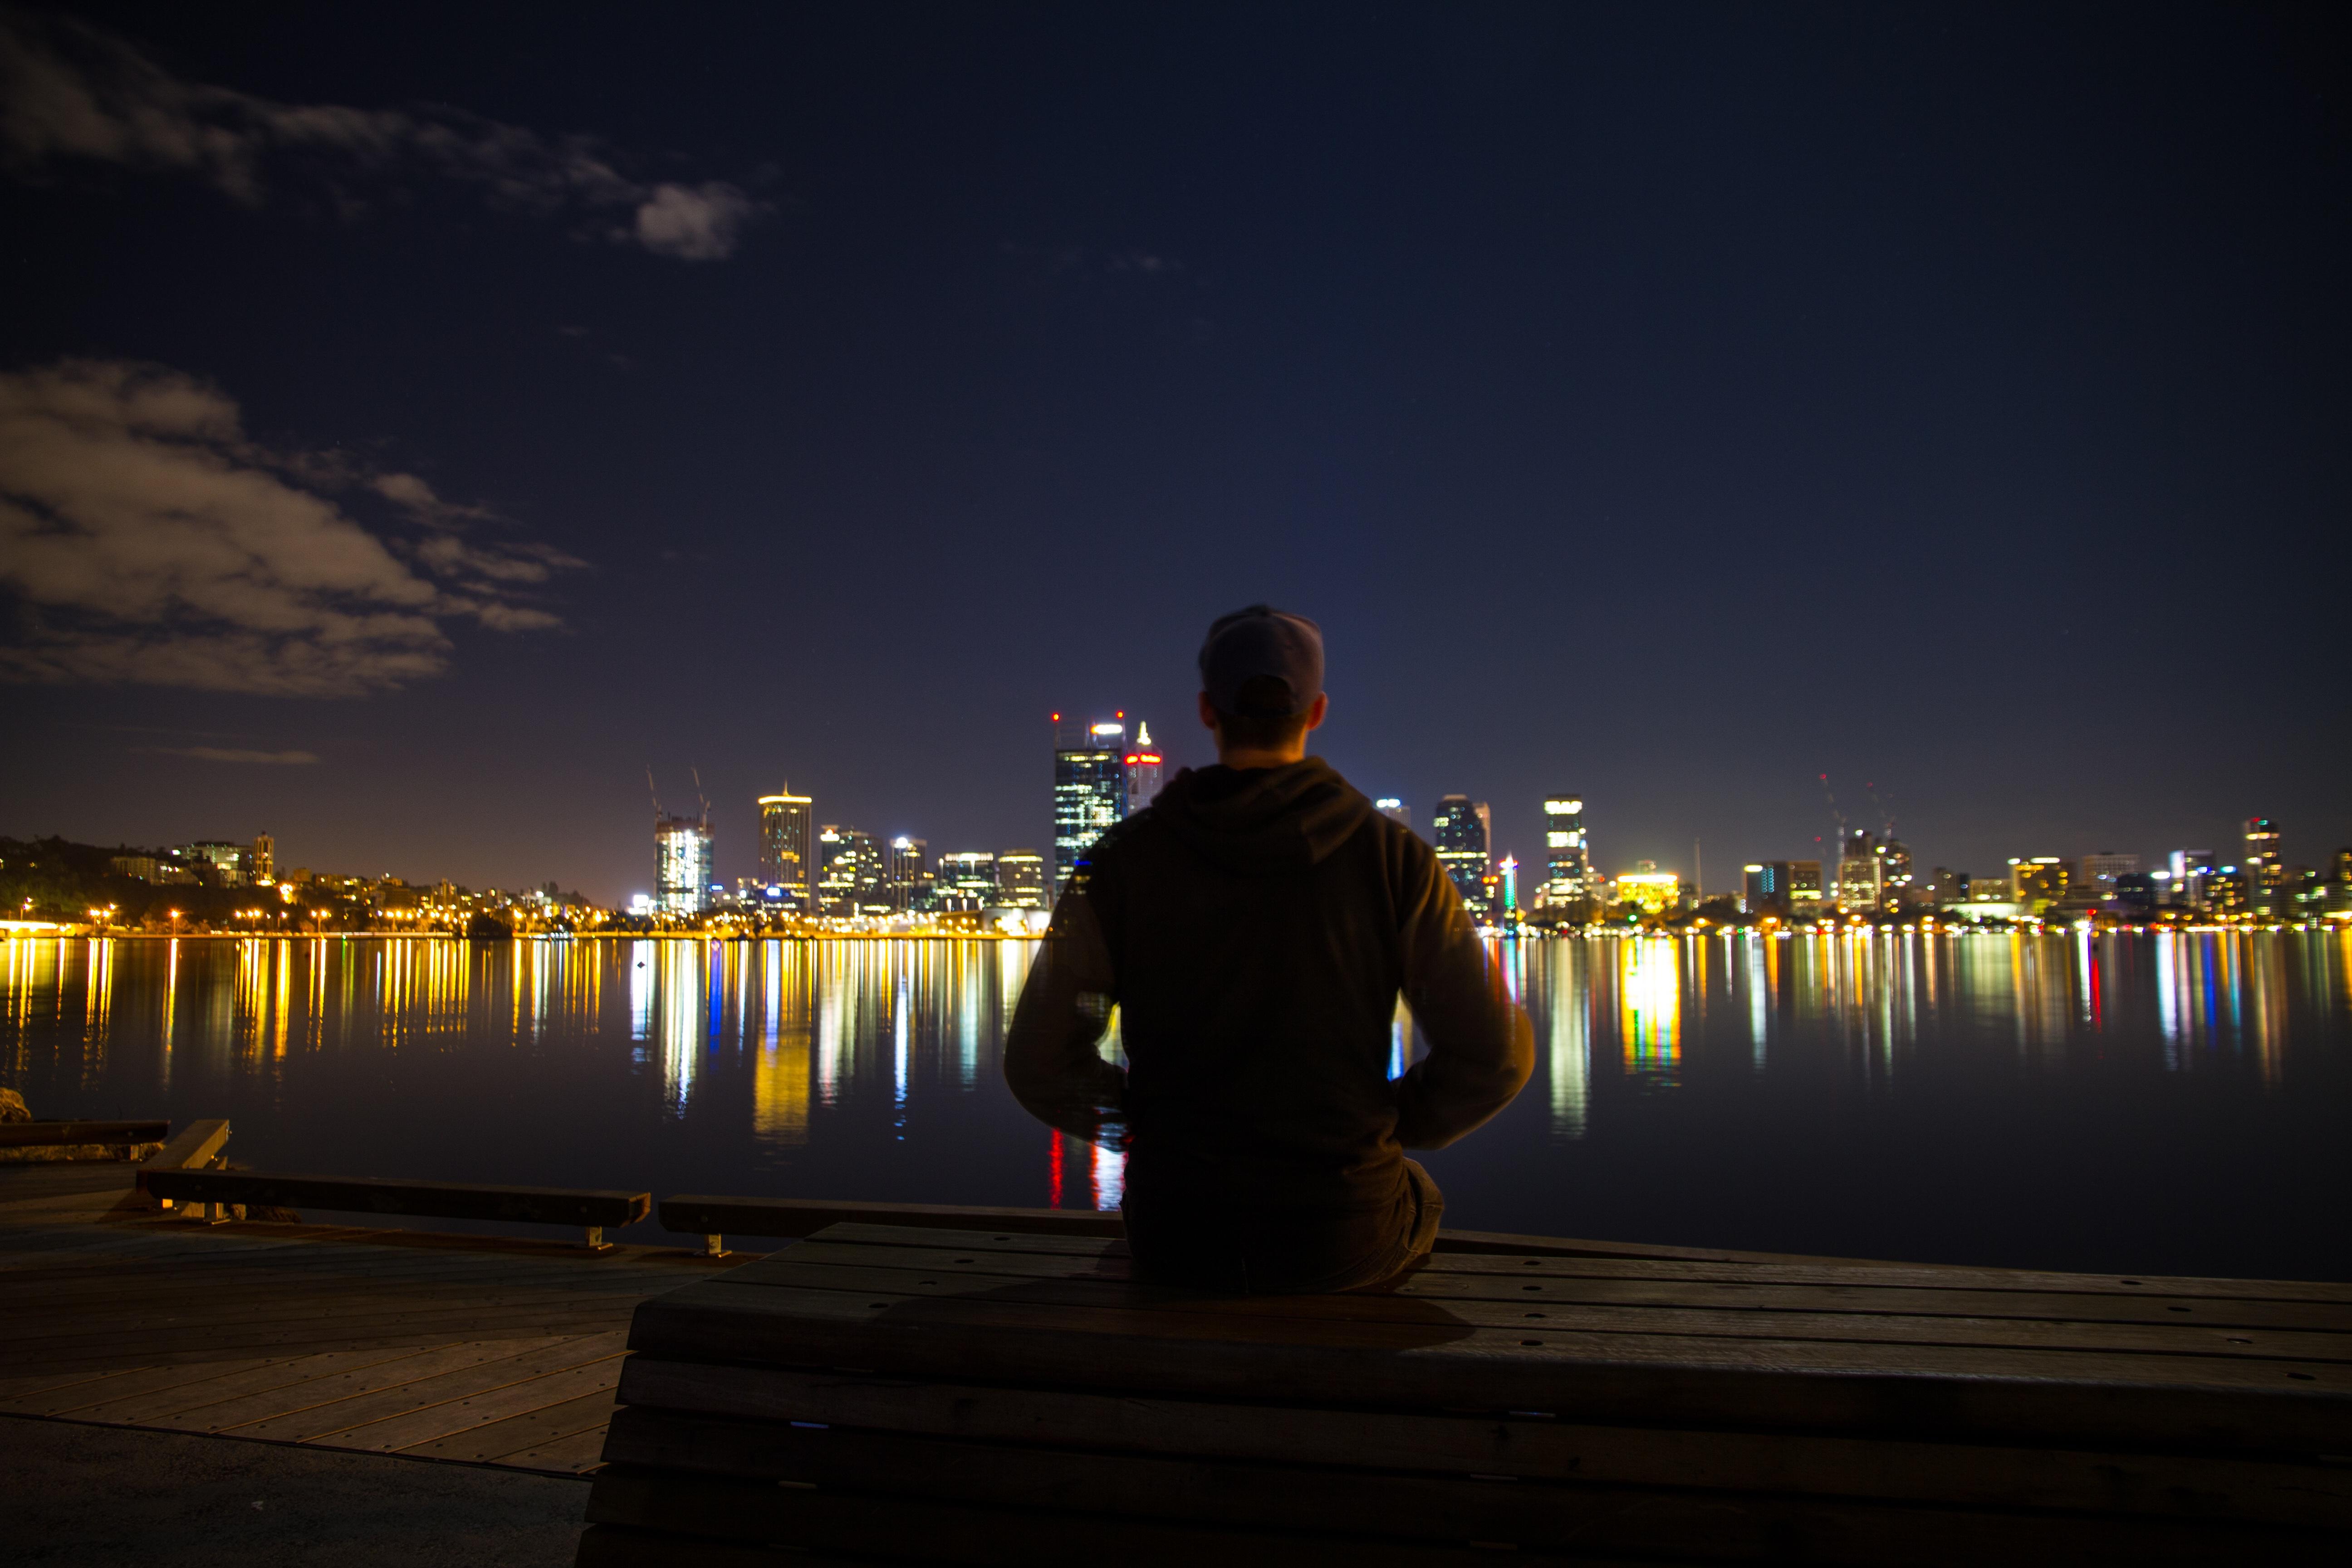 камер транслируются парень на ночь фото вареном раке